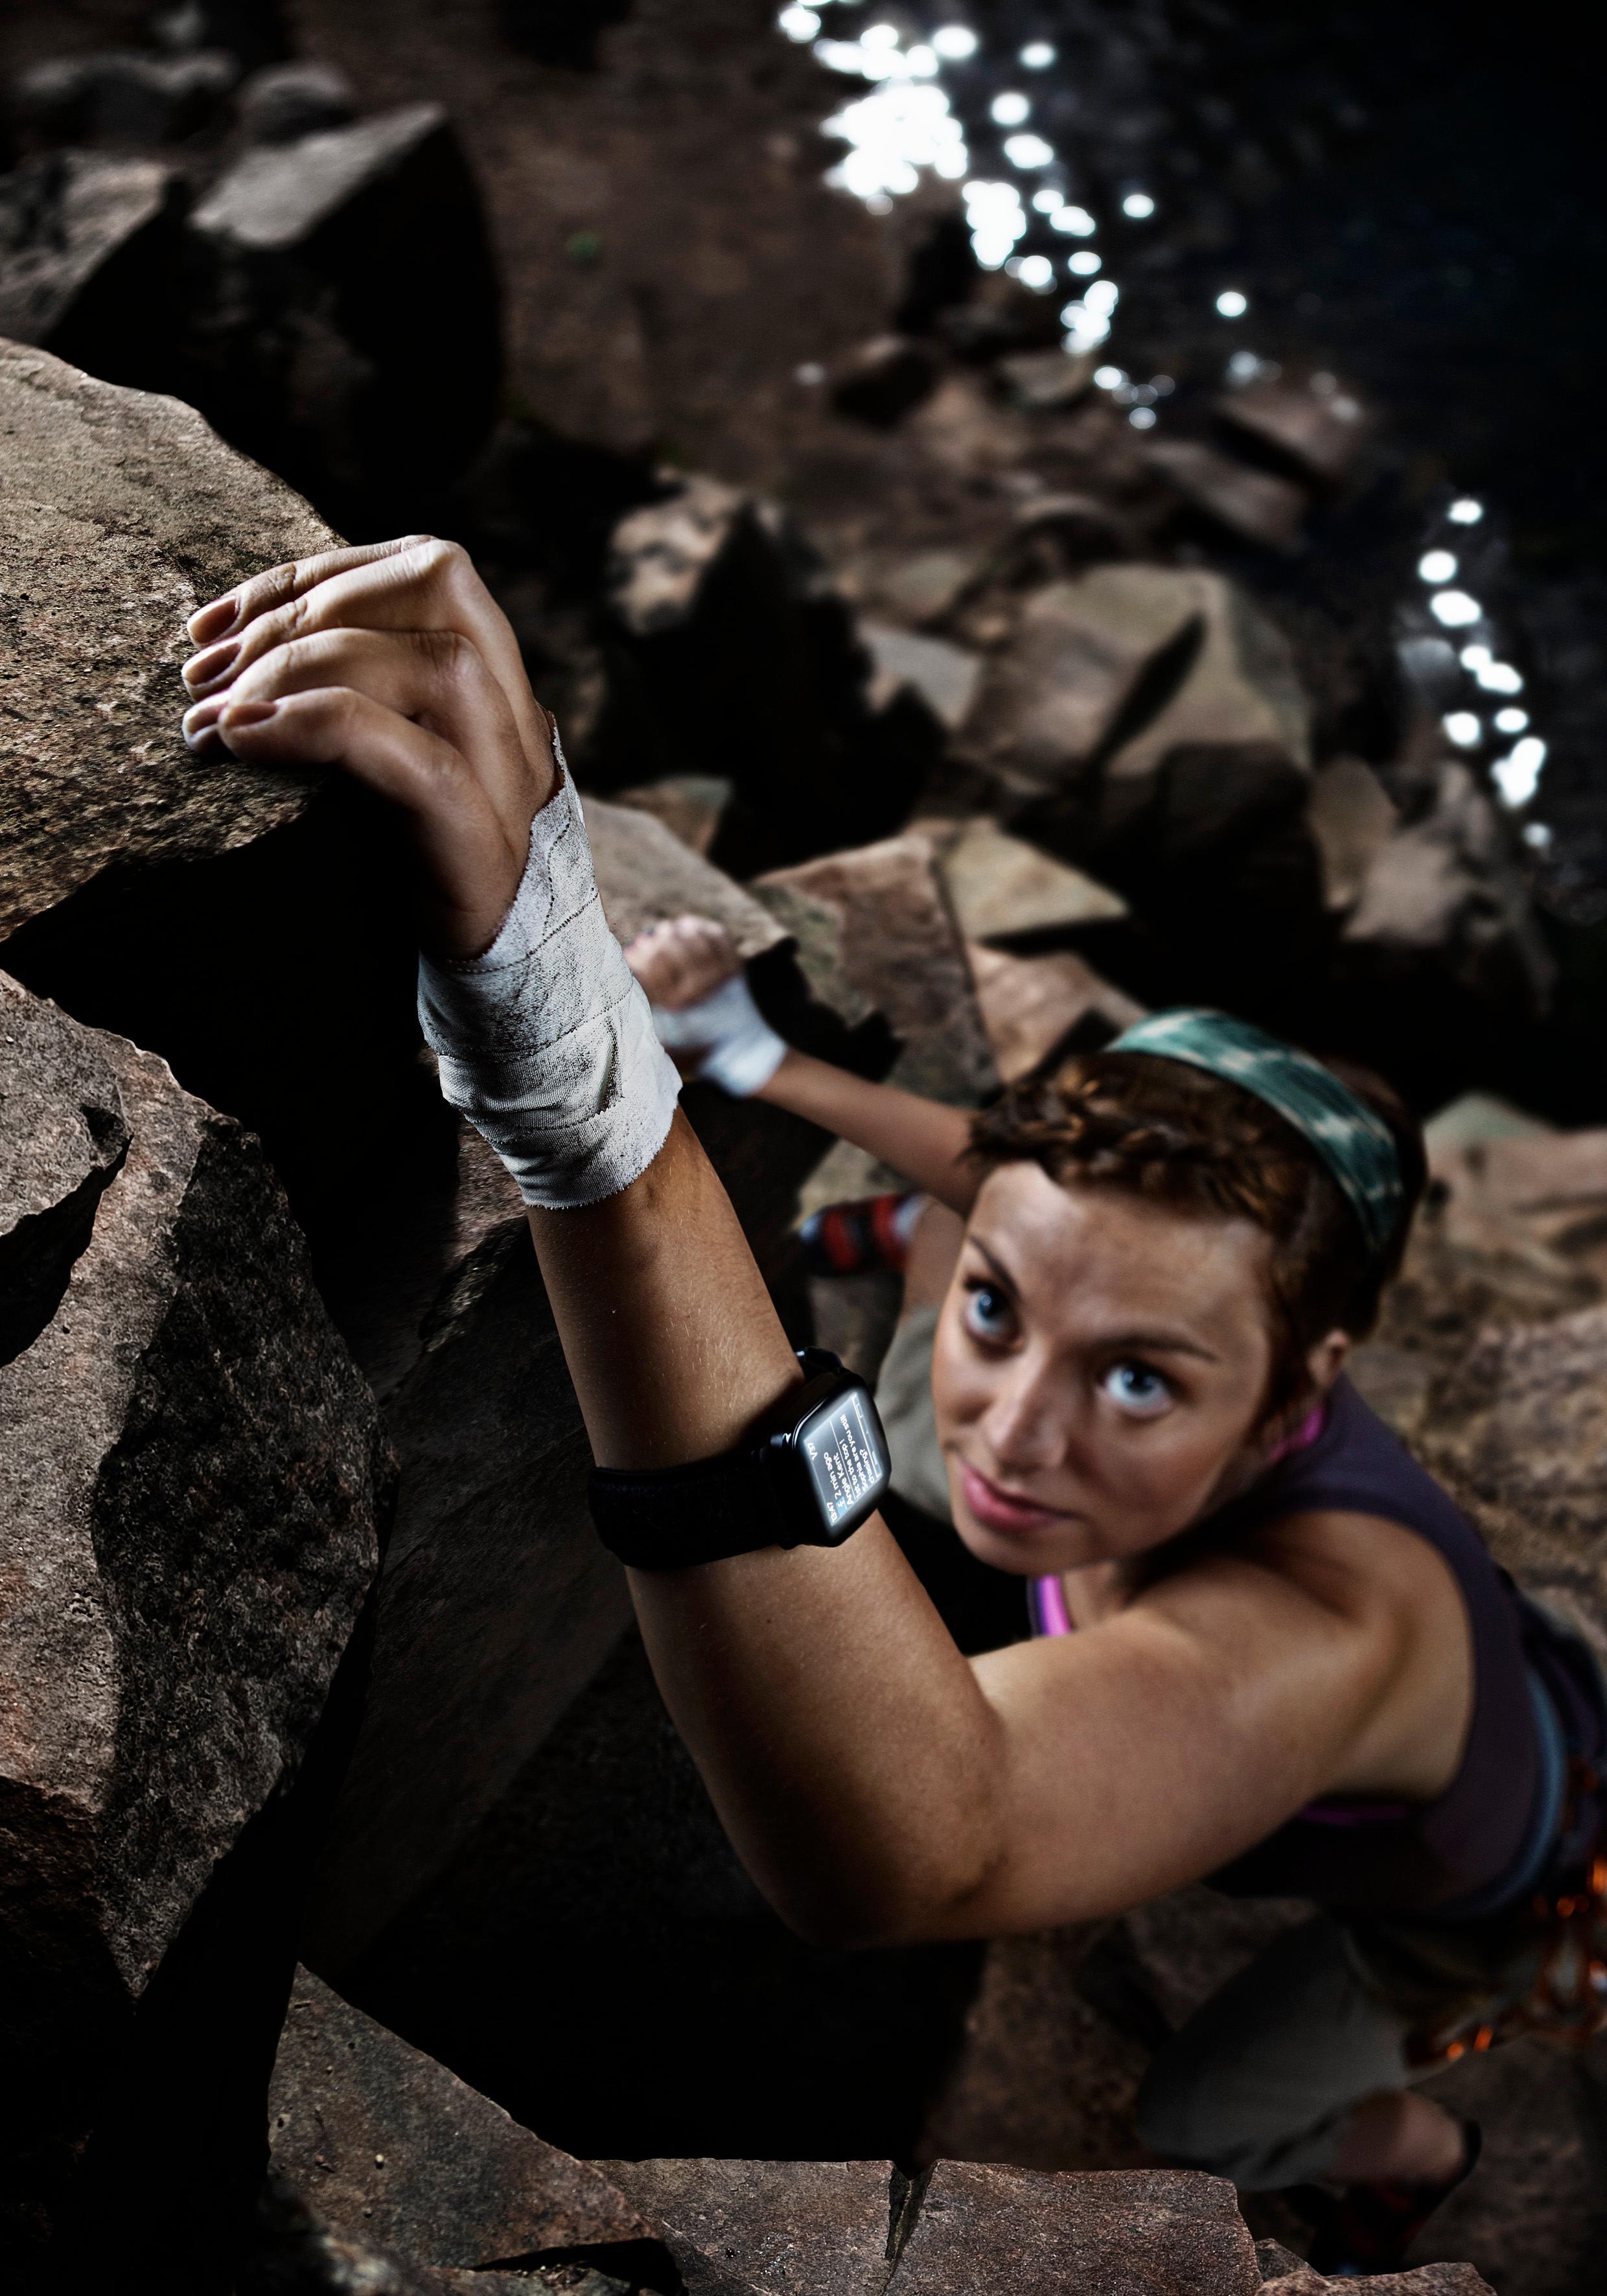 Du lurer nok ofte på hva det står i tekstmeldingene du mottar mens du klatrer i stupbratte fjell.